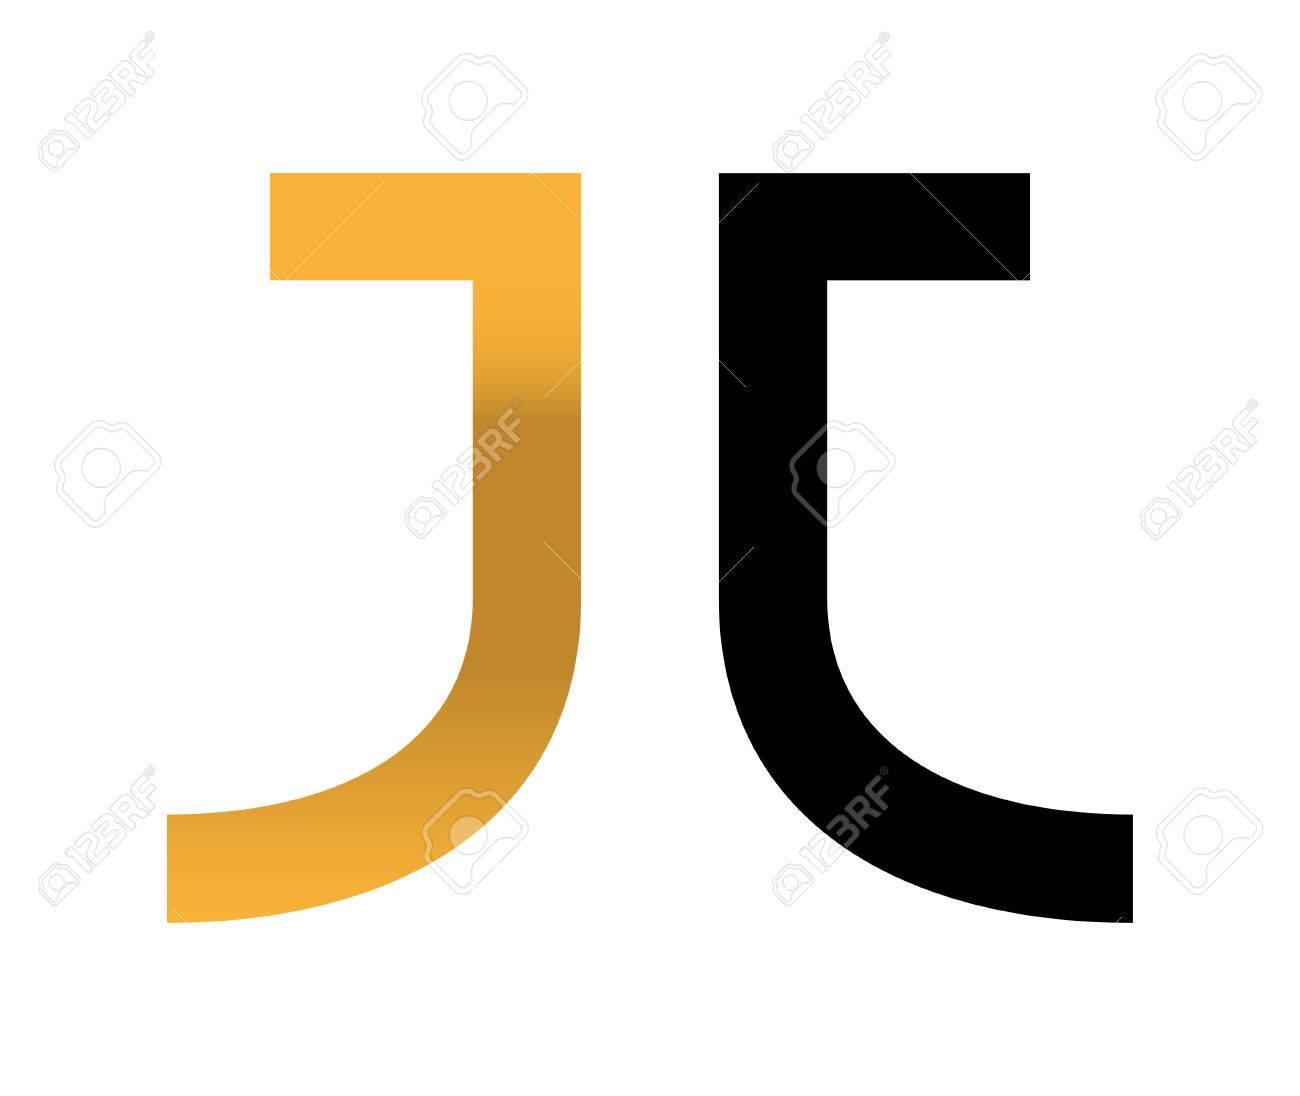 Monogram Concept Design - 63070661